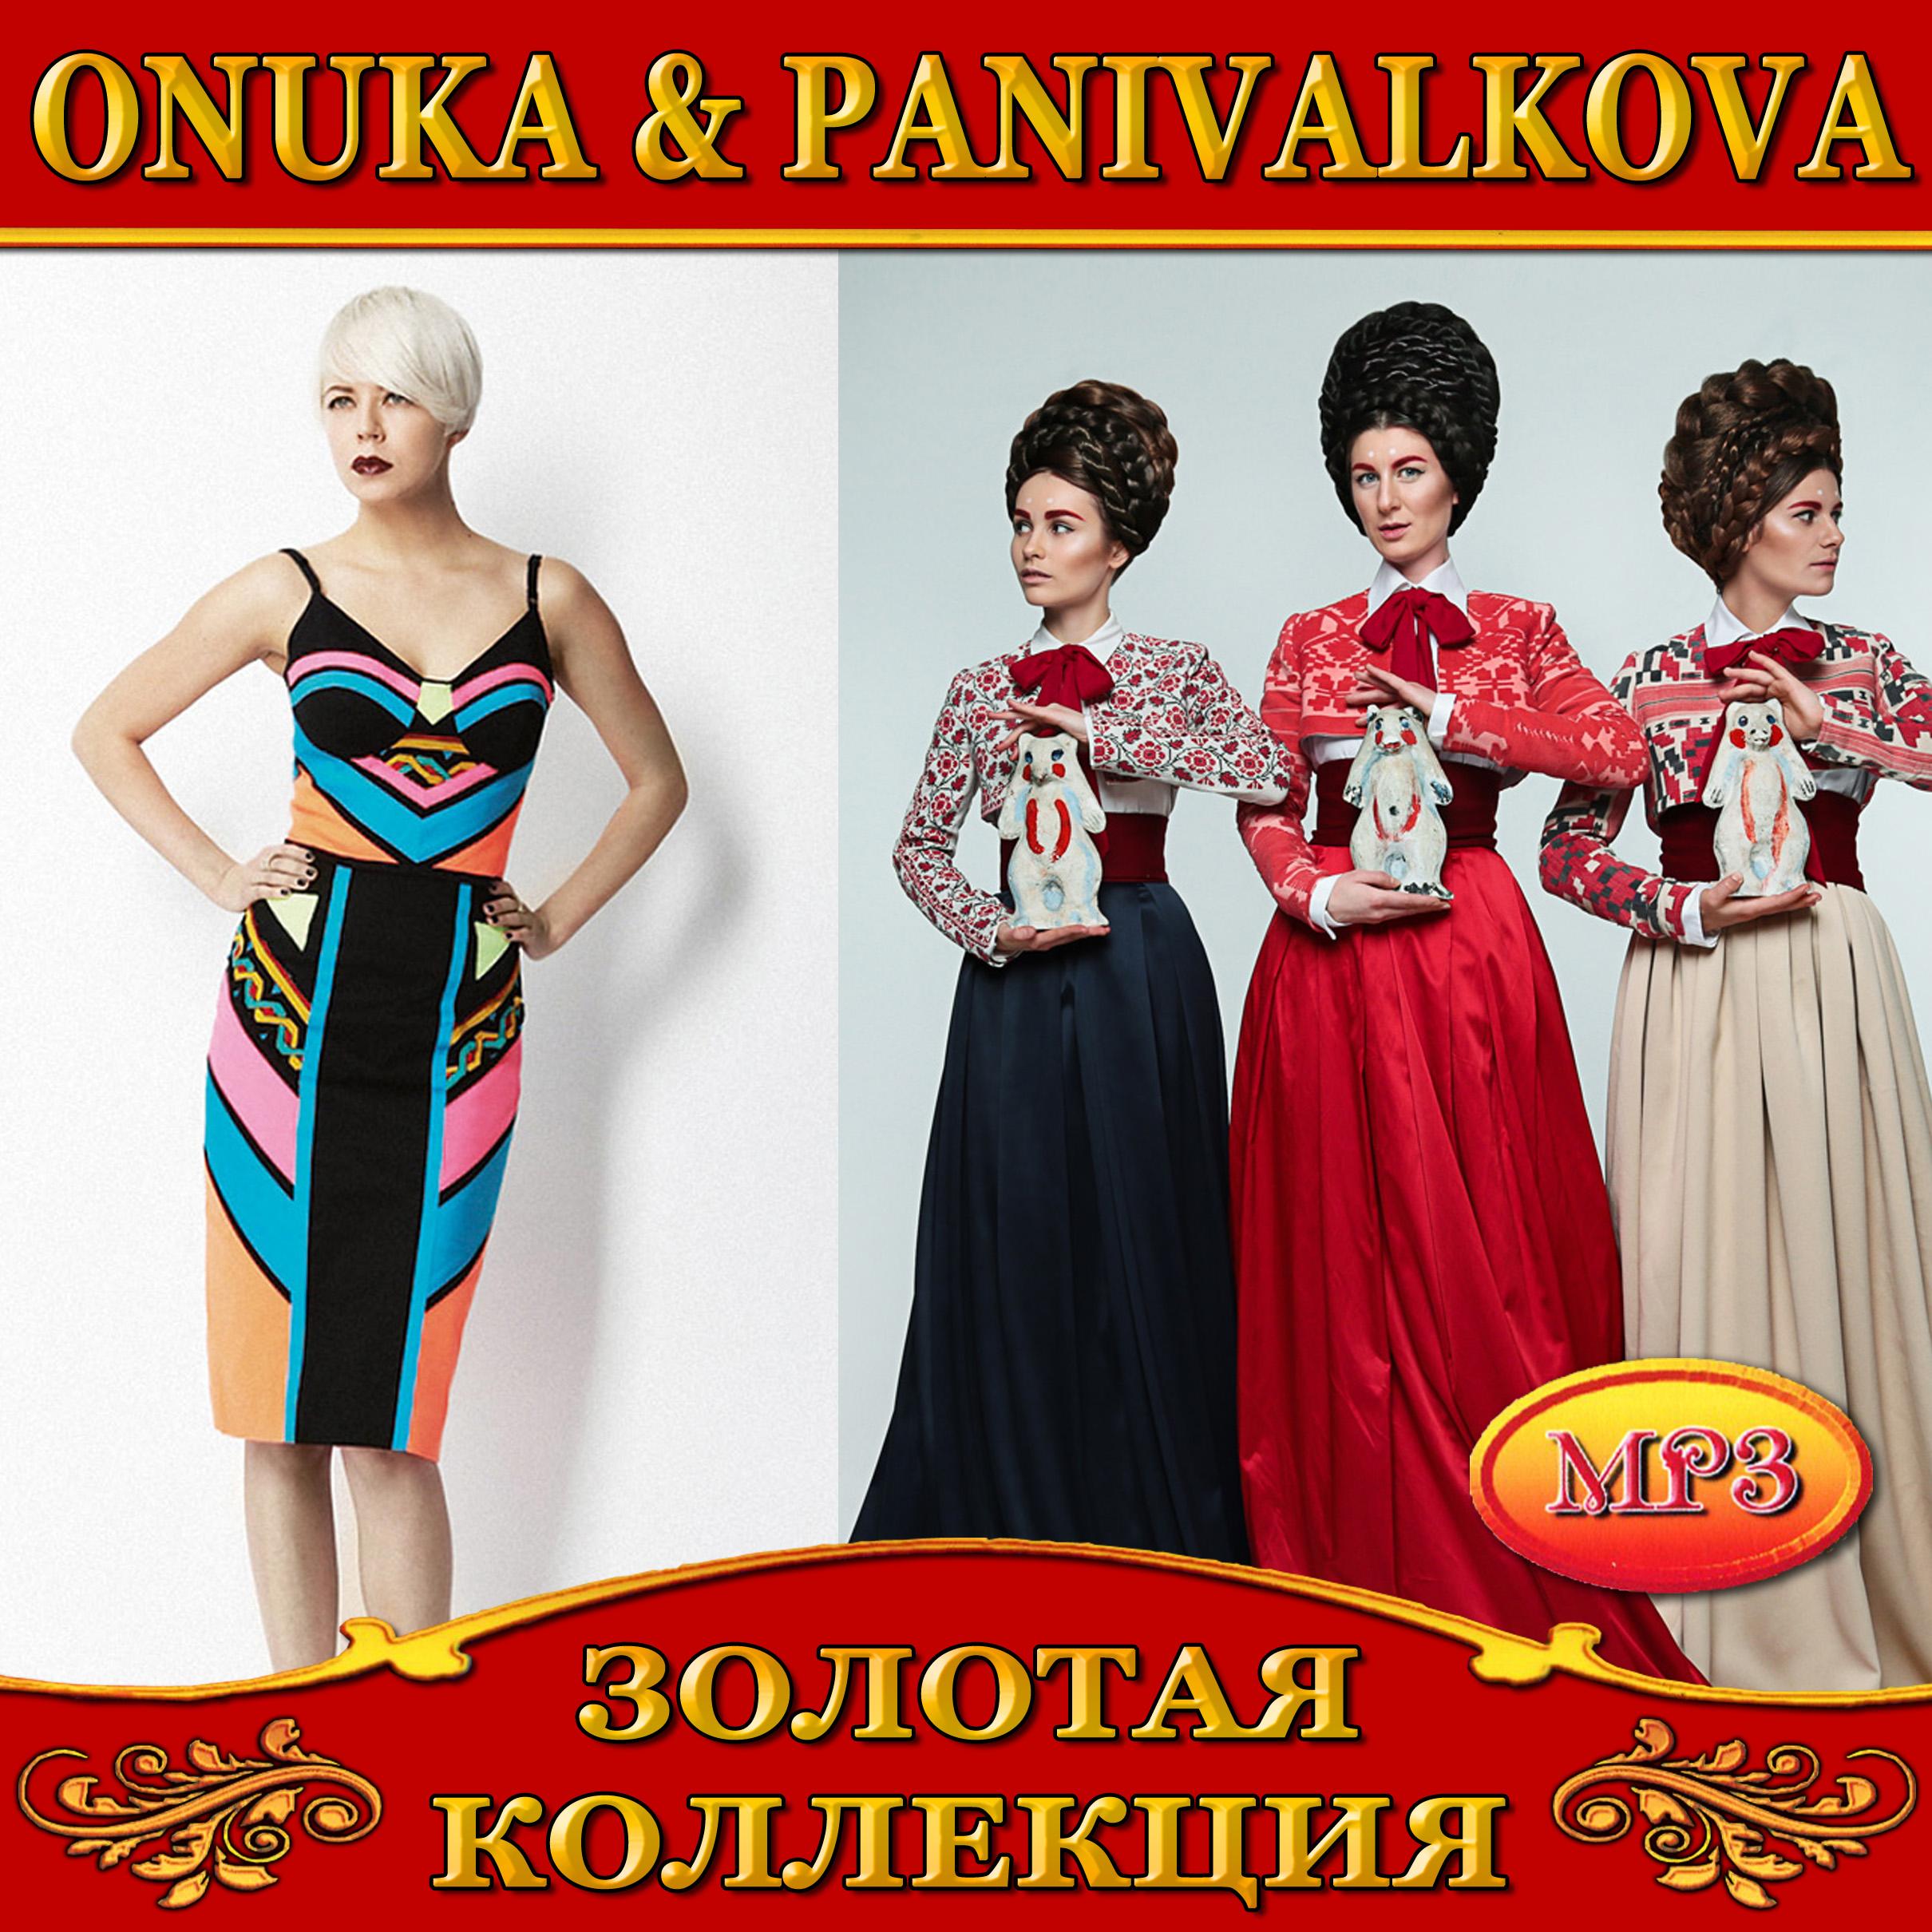 Onuka & Panivalkova [mp3]